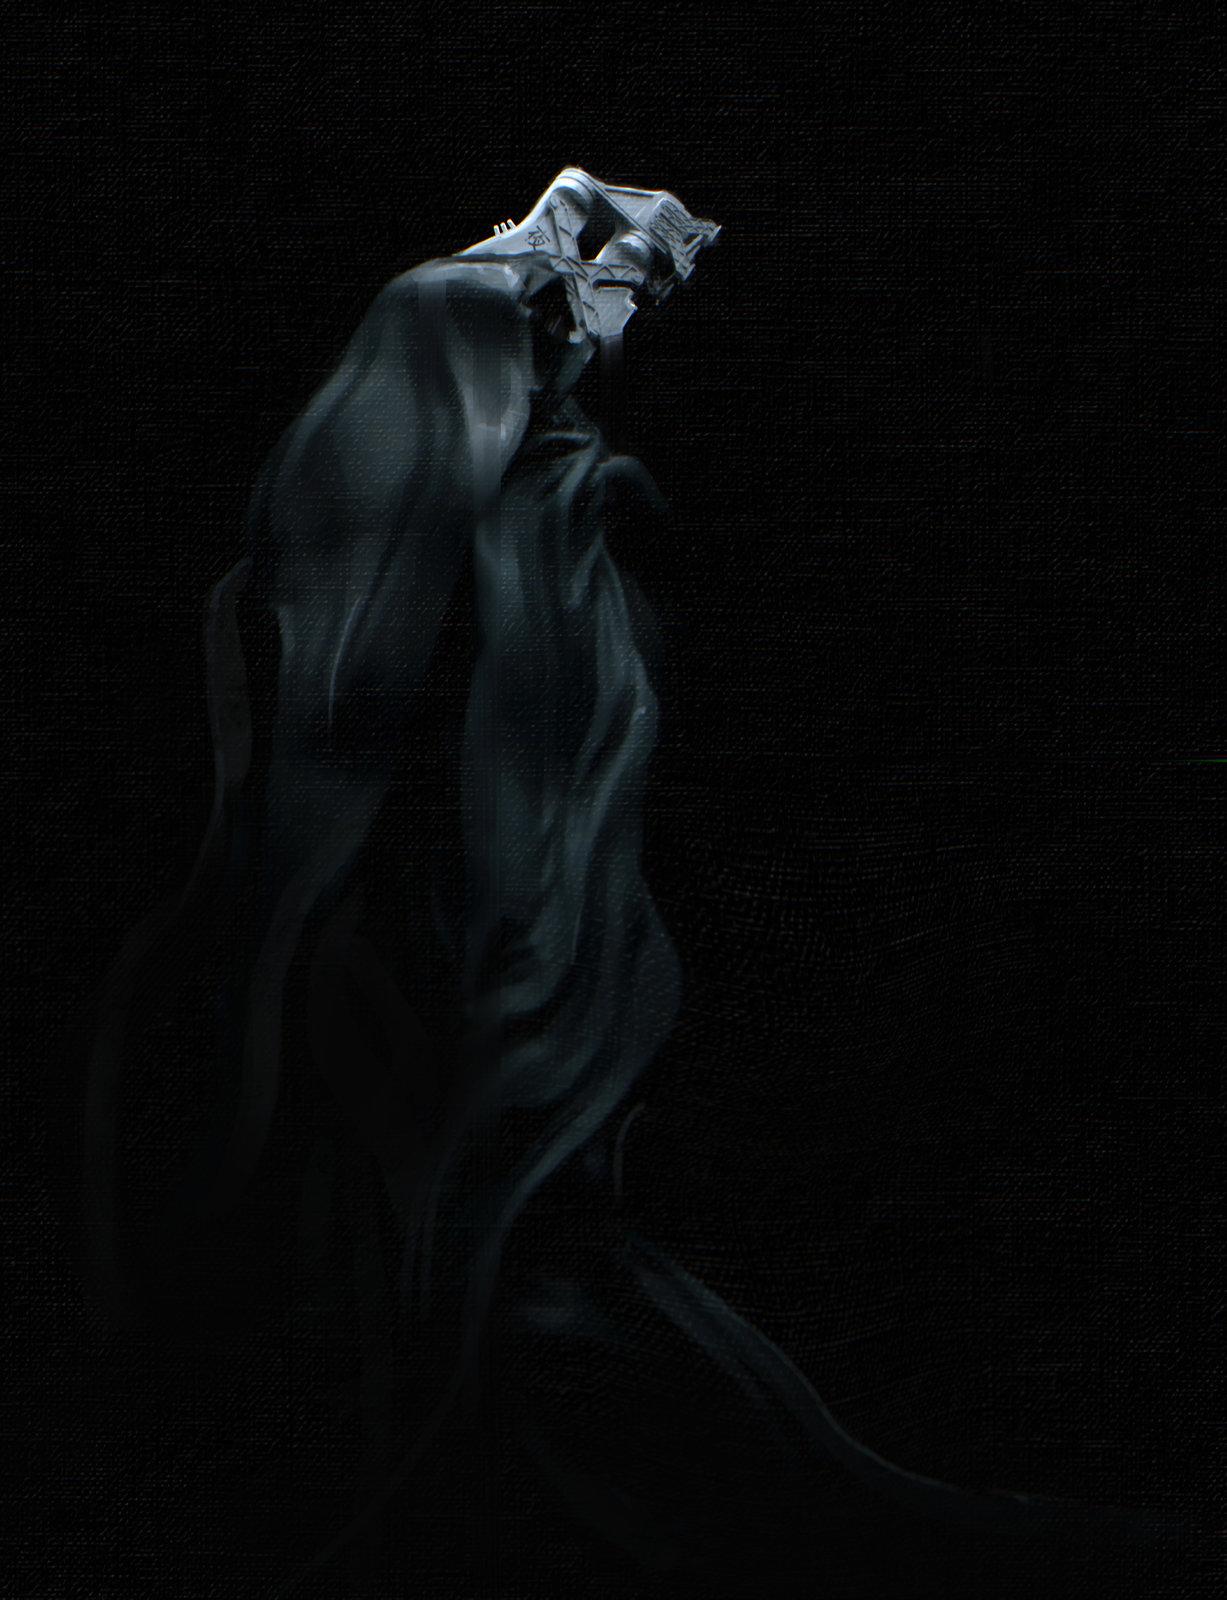 Darktropper